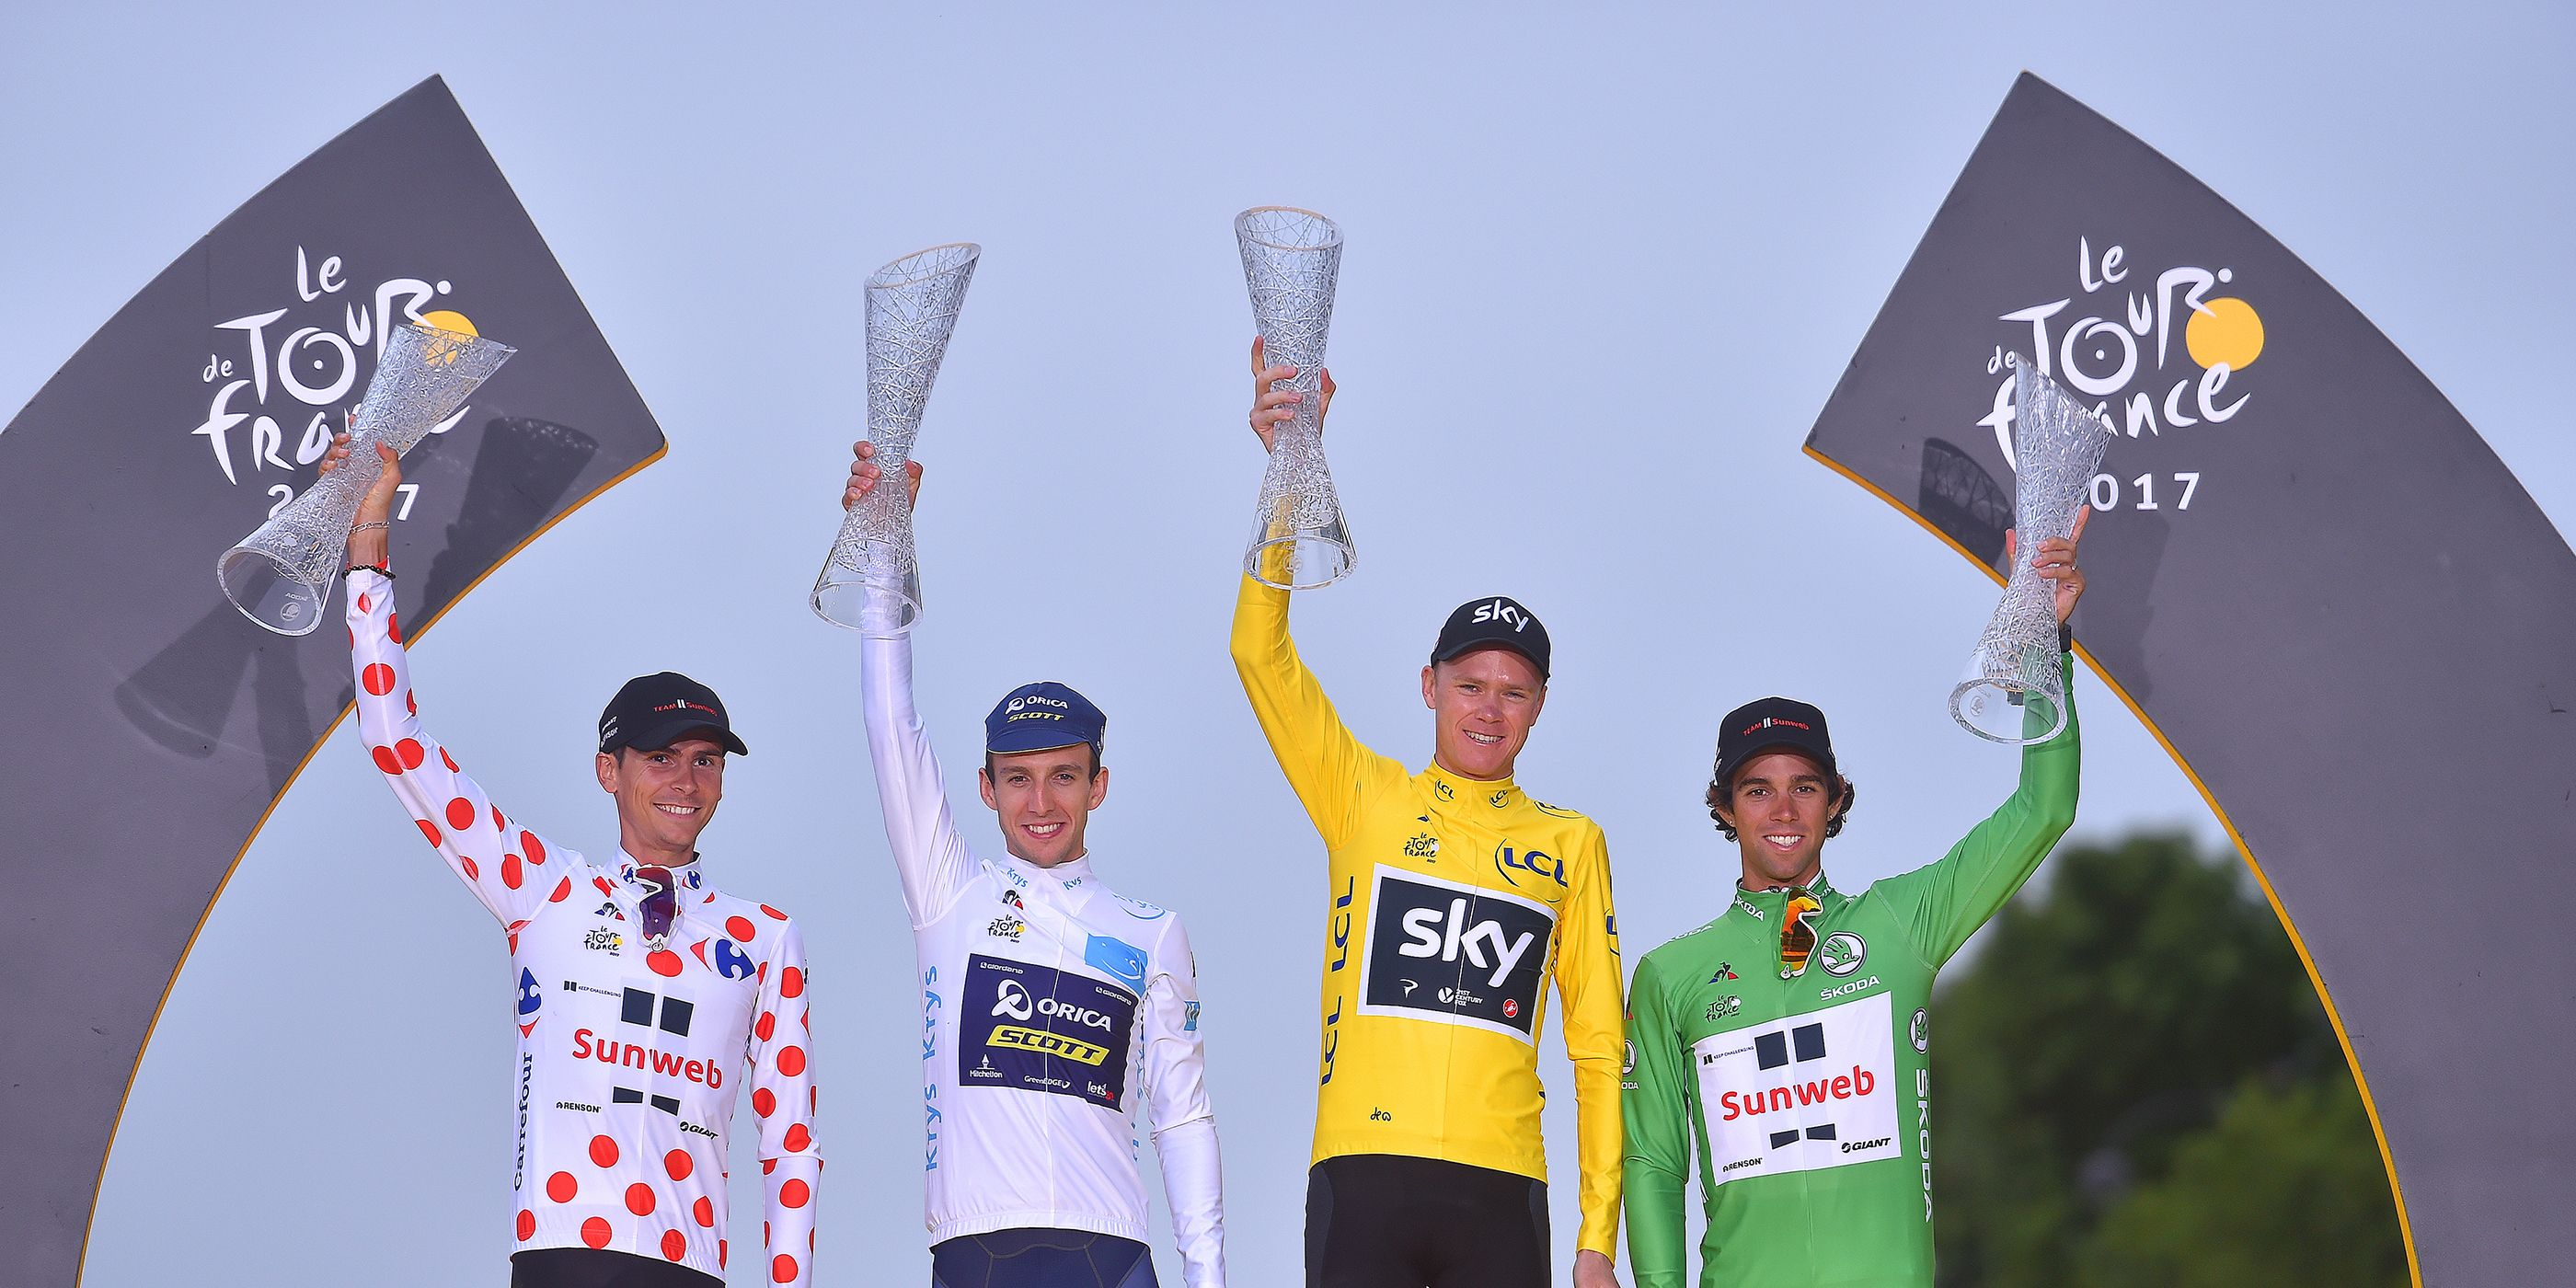 Tour de France 2017, podium